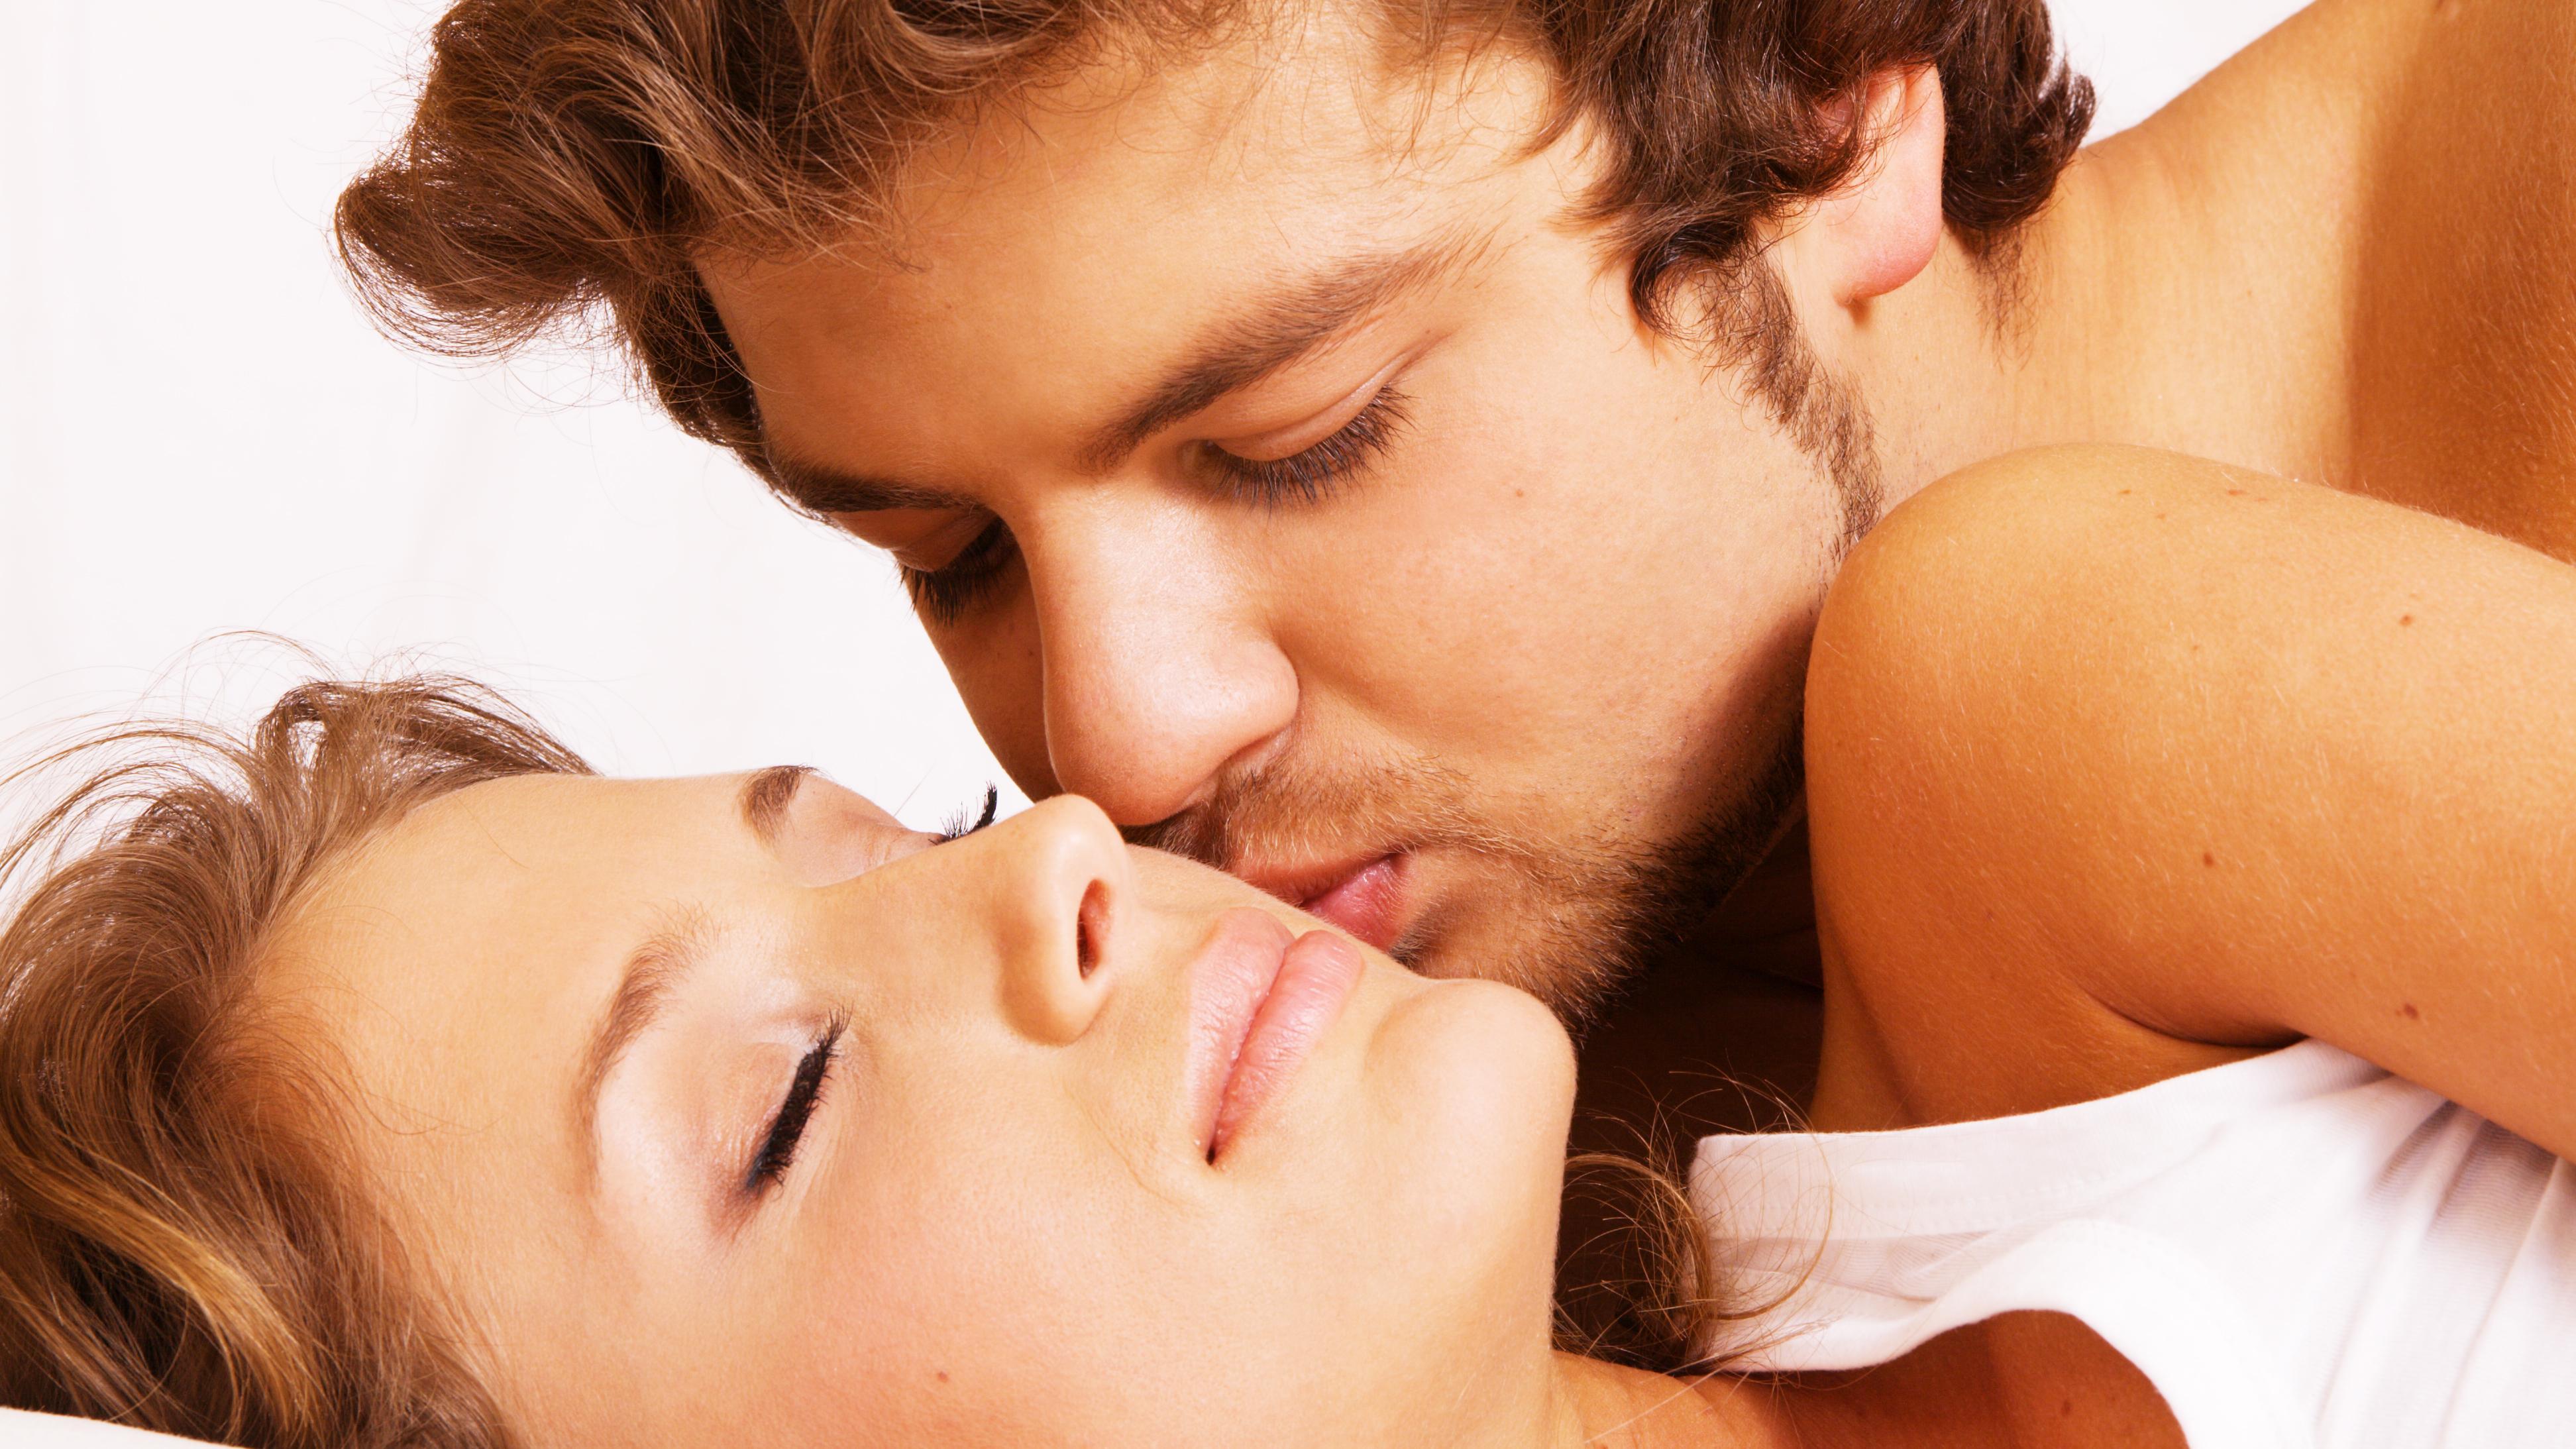 hvor ofte sex sex huske